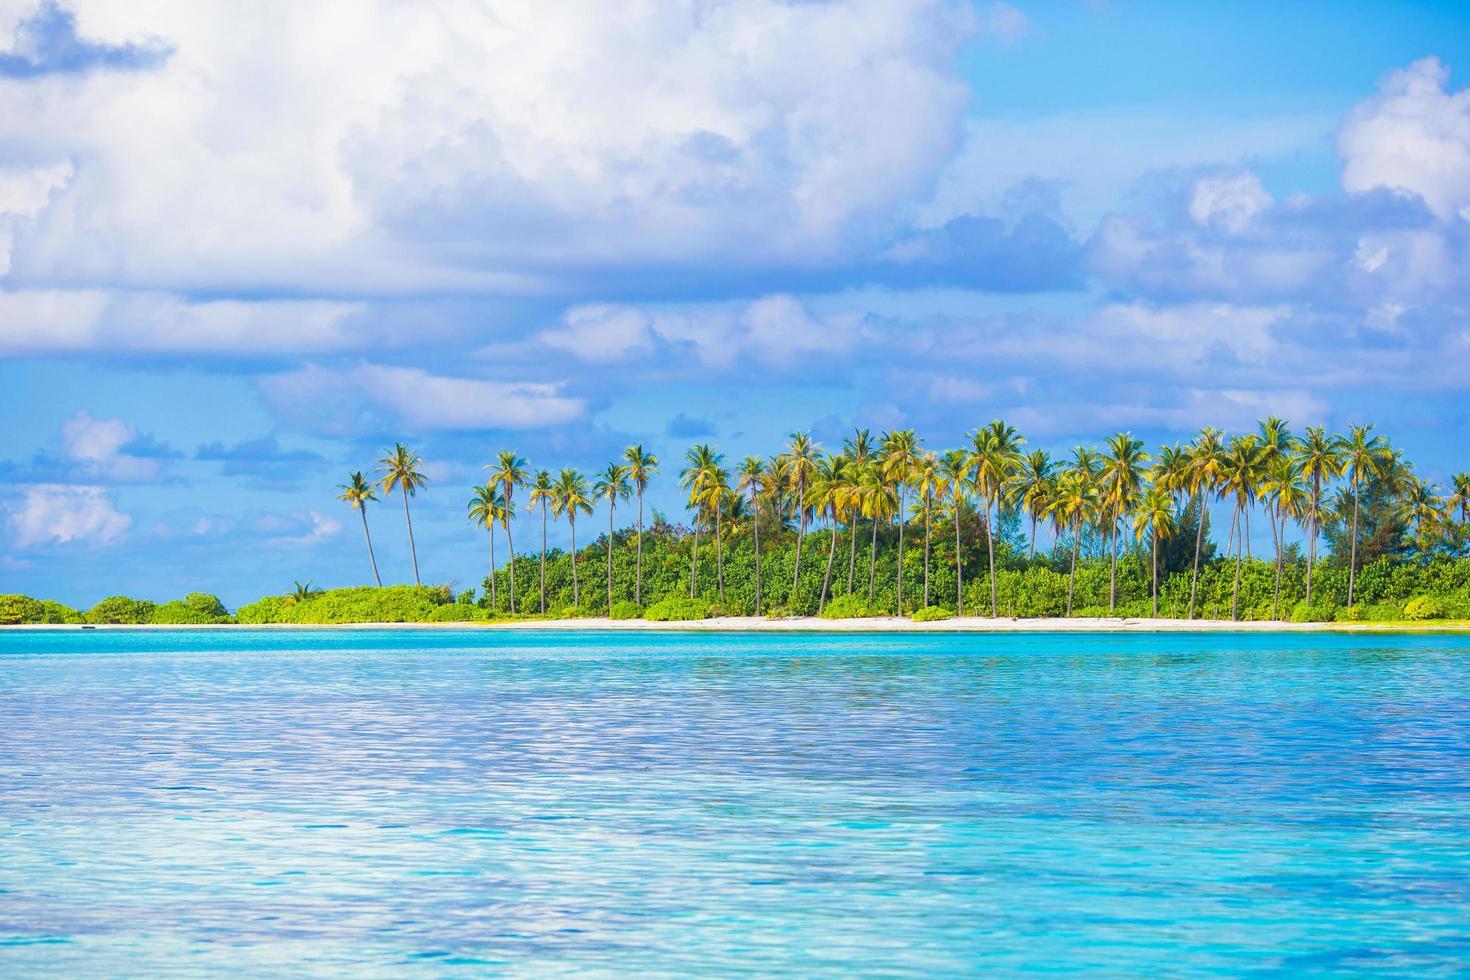 tropische Insel und ein blauer Ozean foto